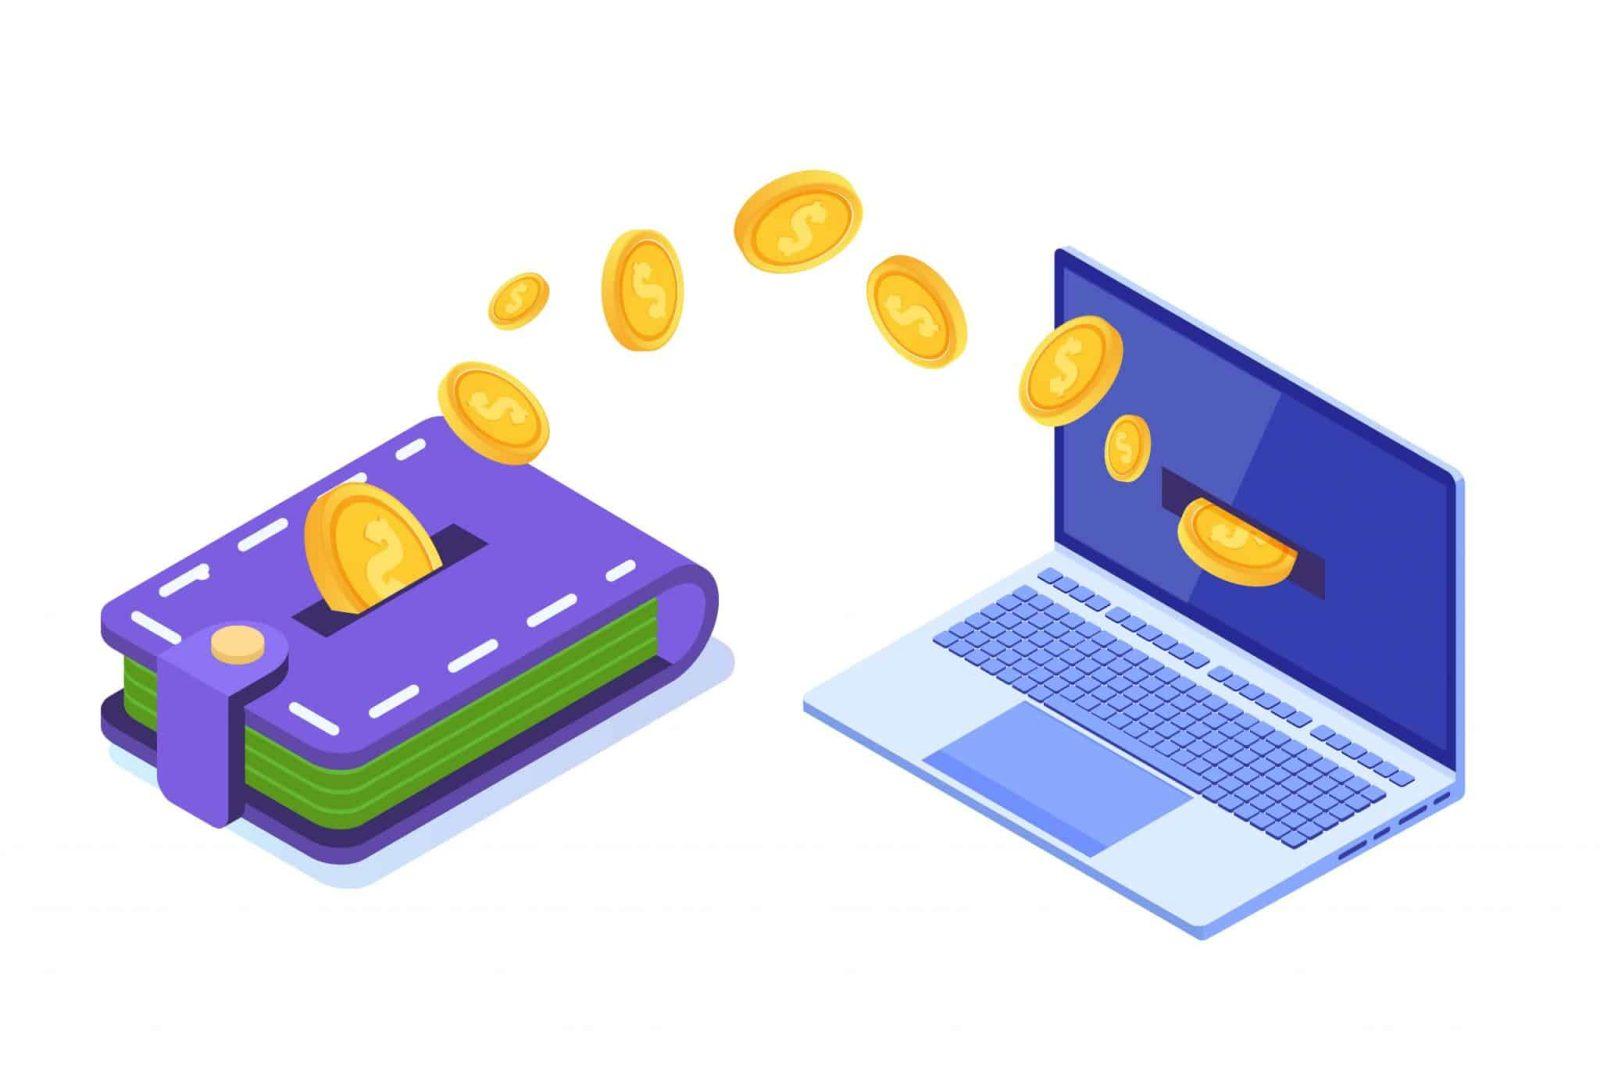 האם ניתן למשוך כספים באופן חד פעמי שהופקדו לאחר שנת 2008, האם ניתן למשוך באופן חד פעמי כספים שהופקדו לאחר שנת 2008